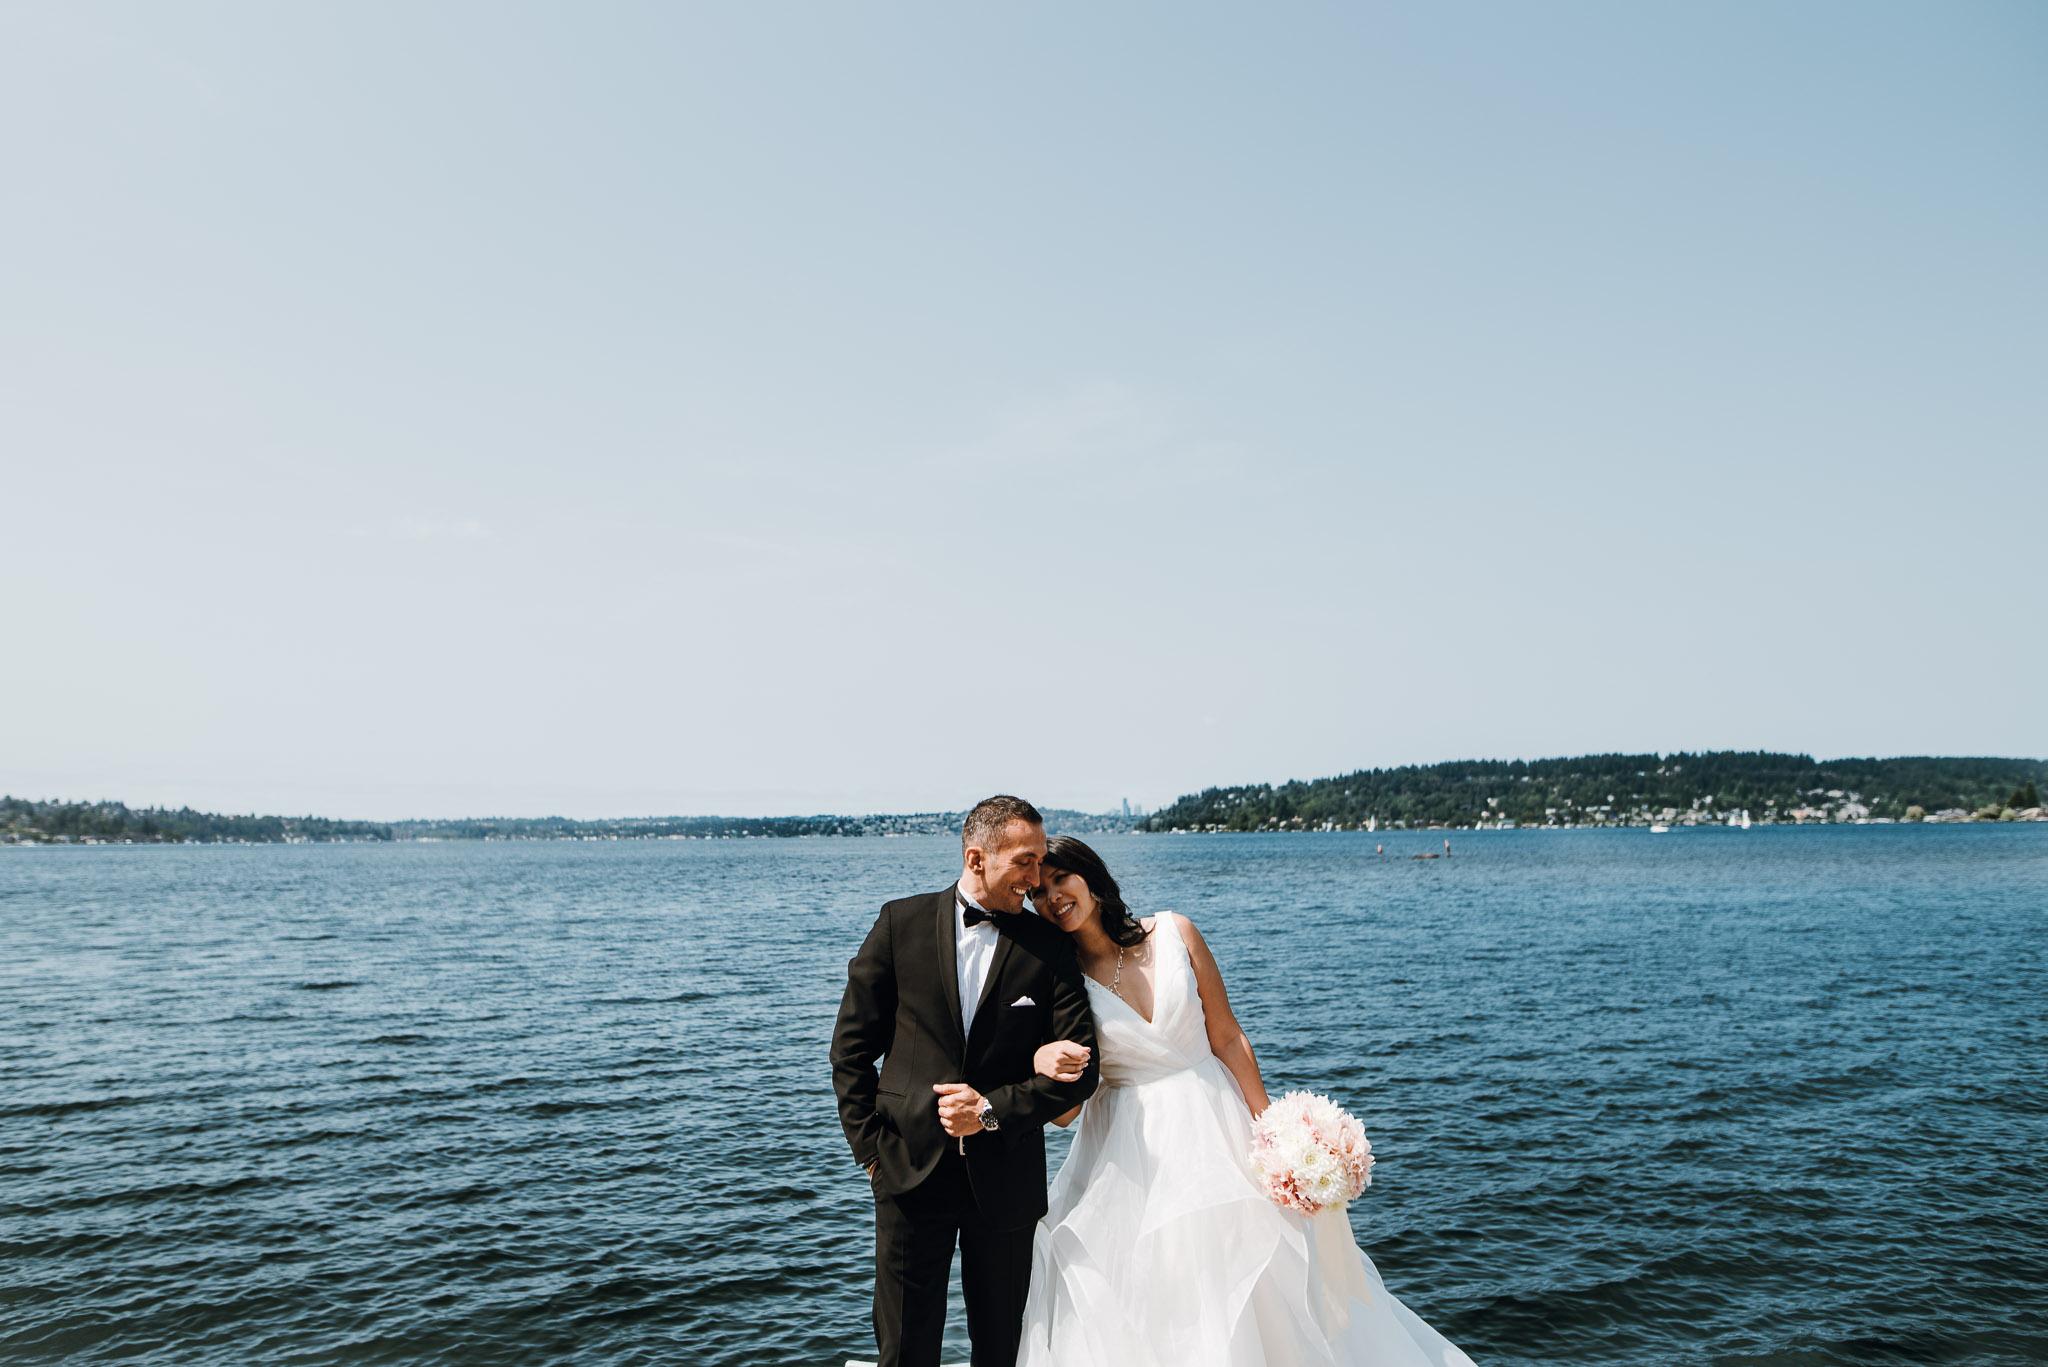 Hyatt-Regency-Lake-Washington-Wedding-Renton-Washington-0009.jpg